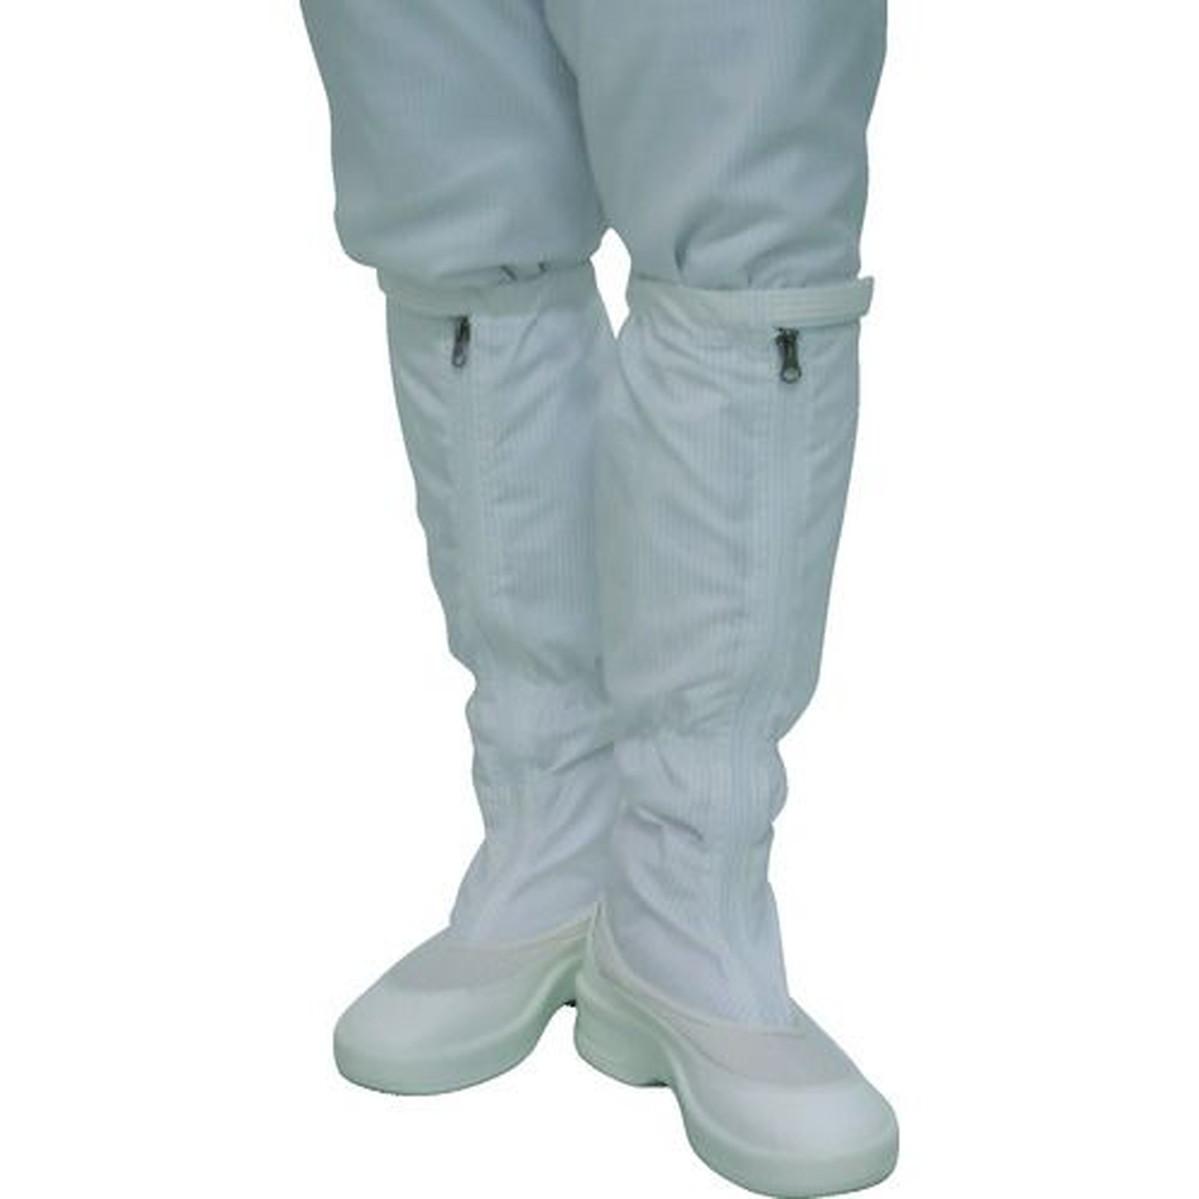 あす楽対応 DIY用品 ゴールドウイン 激安卸販売新品 ファスナー付ロングブーツ 1足 23.0cm ホワイト 贈物